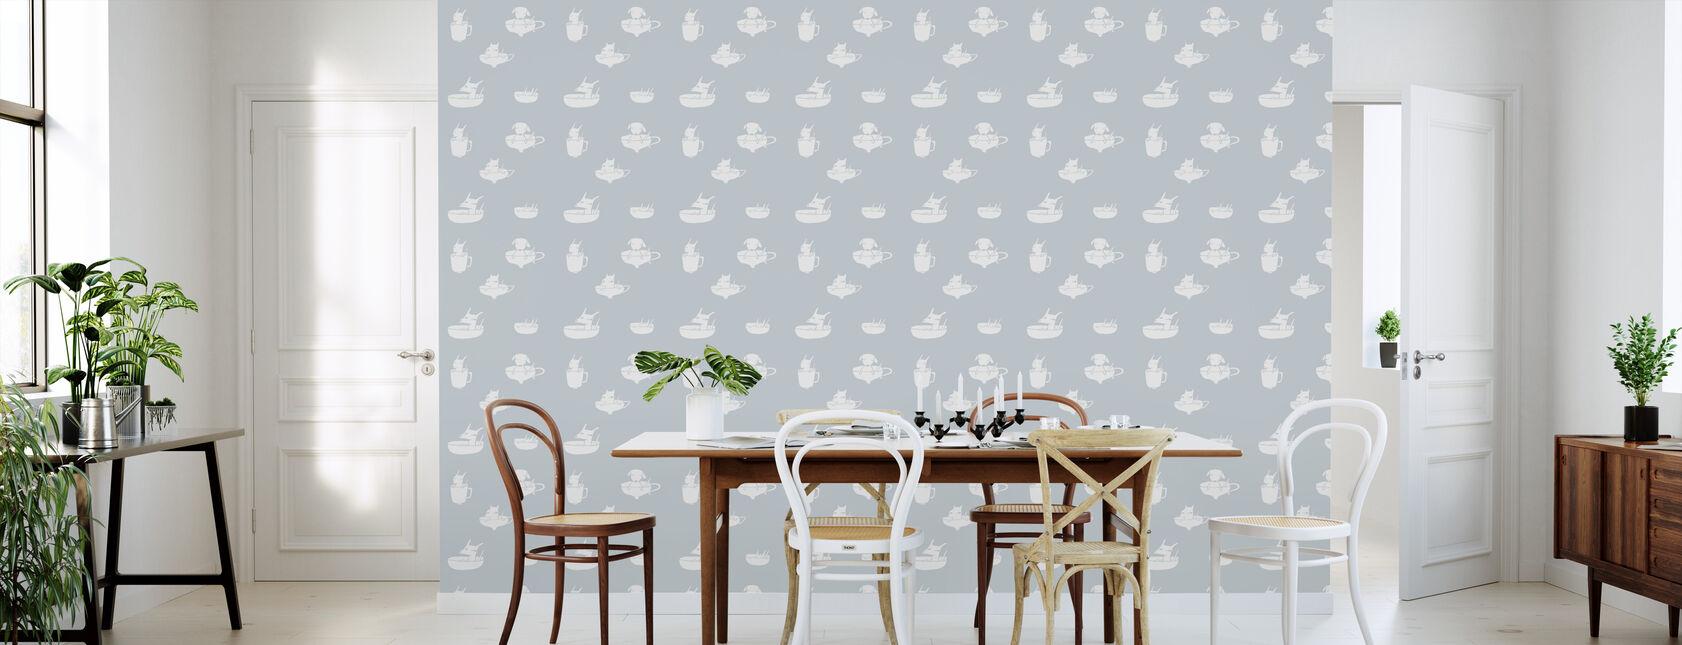 Pups In Cups - Bleu - Wallpaper - Kitchen